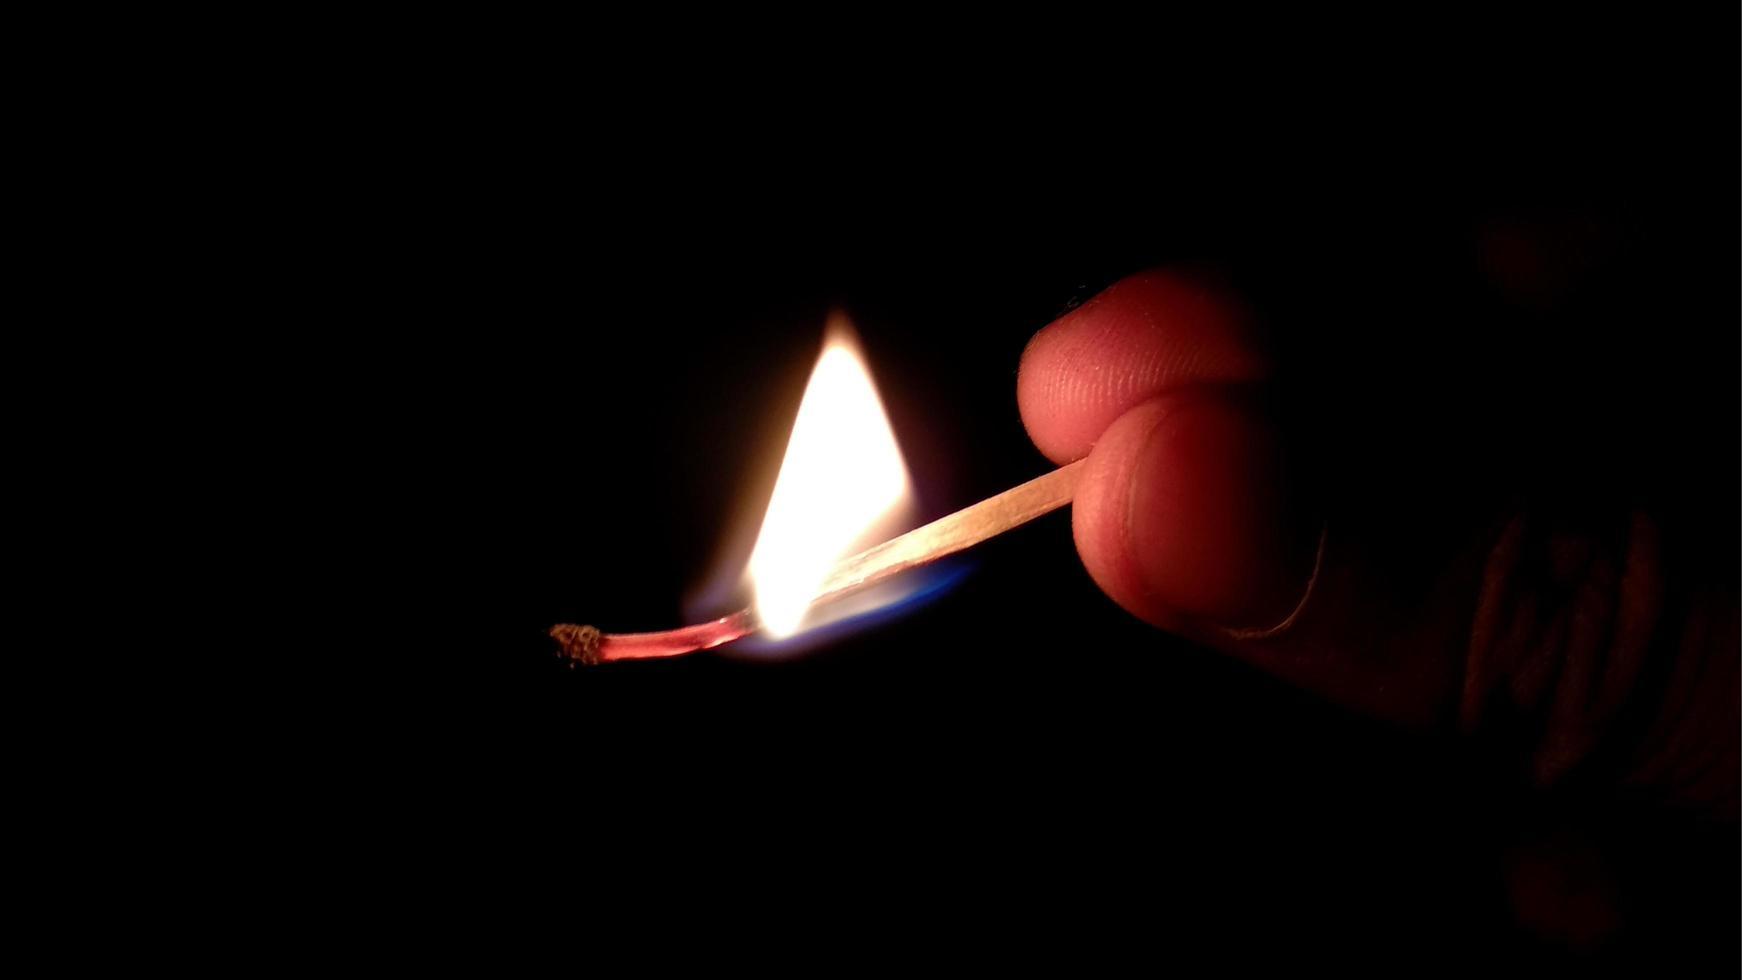 Fósforo con la llama y el humo ardiendo, aislado en un fondo negro foto